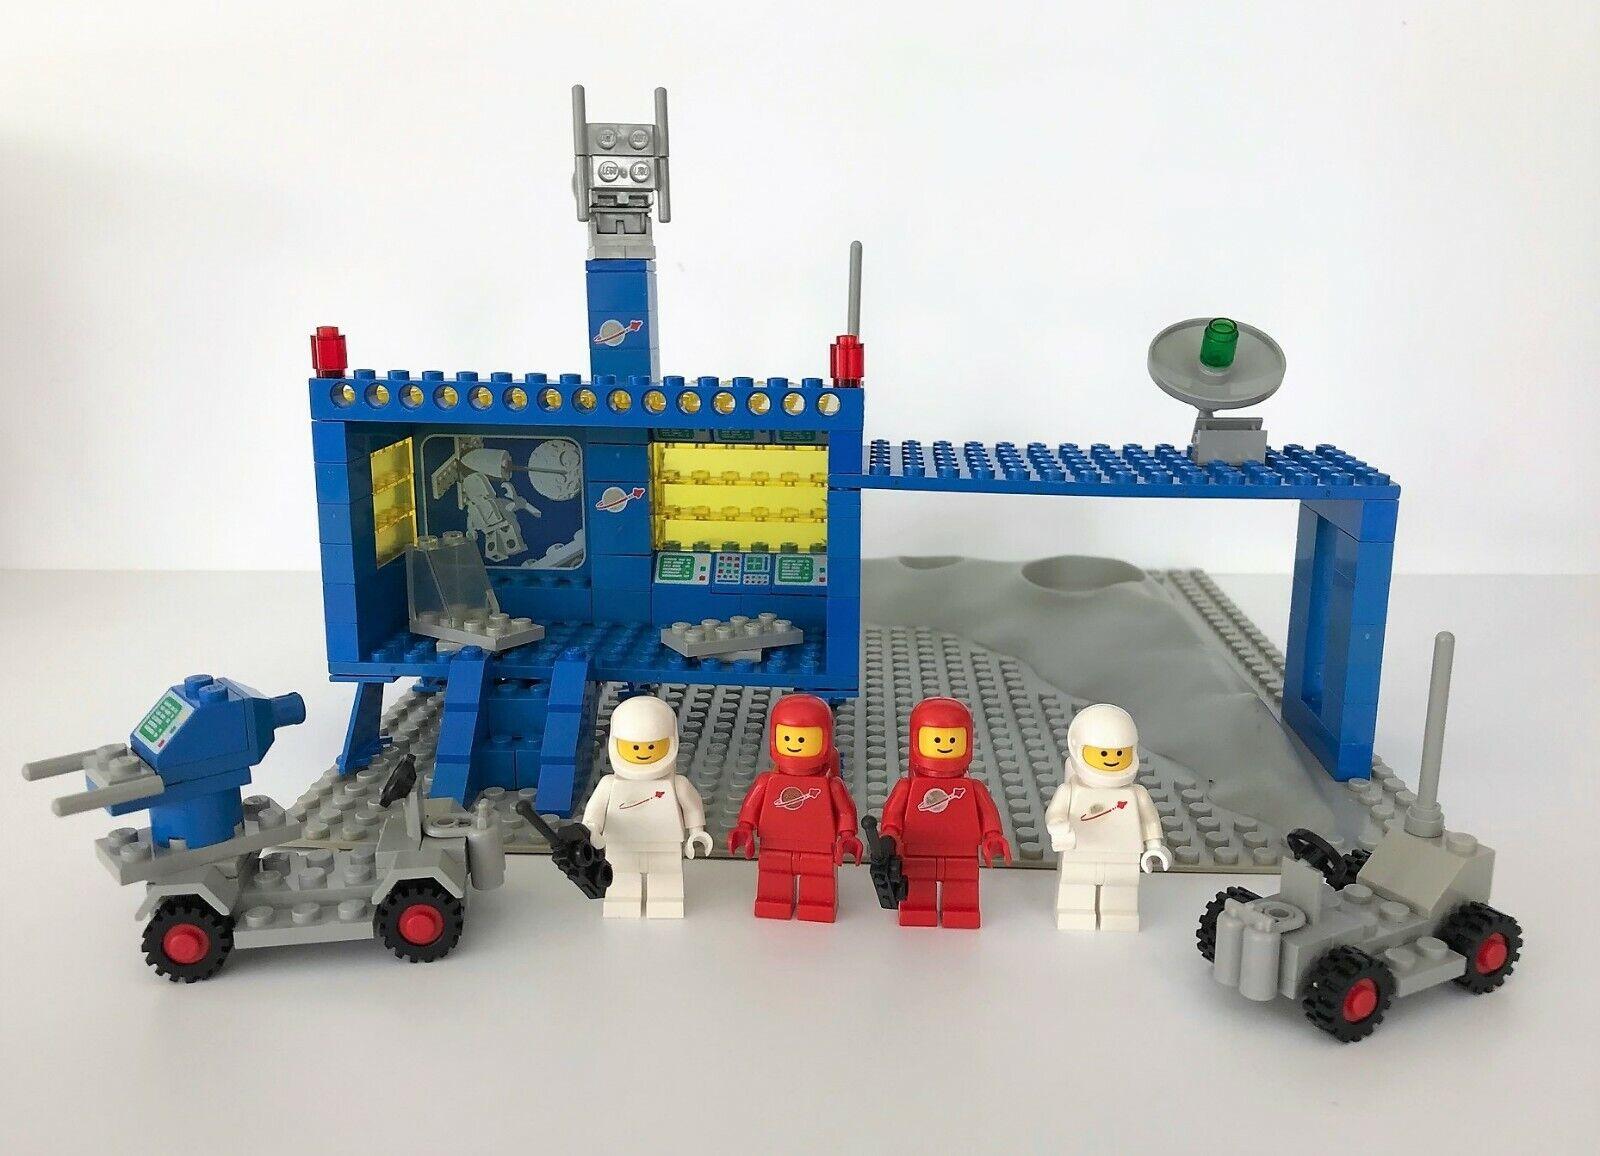 Lego set 926-1 Command Centre Centre Centre – 157 Pieces – 4 Figures - Space c75942